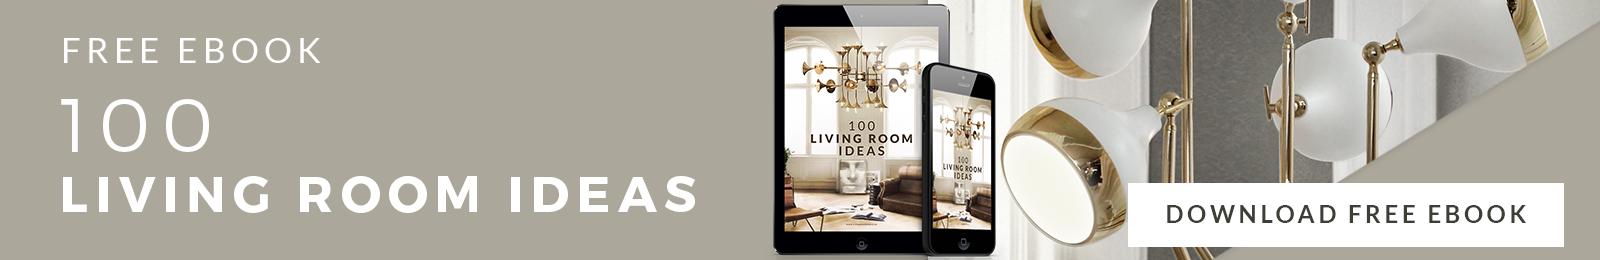 круглые журнальные столики Круглые журнальные столики, которые всегда будут в тренде 100 living room ideas blog living room ideas